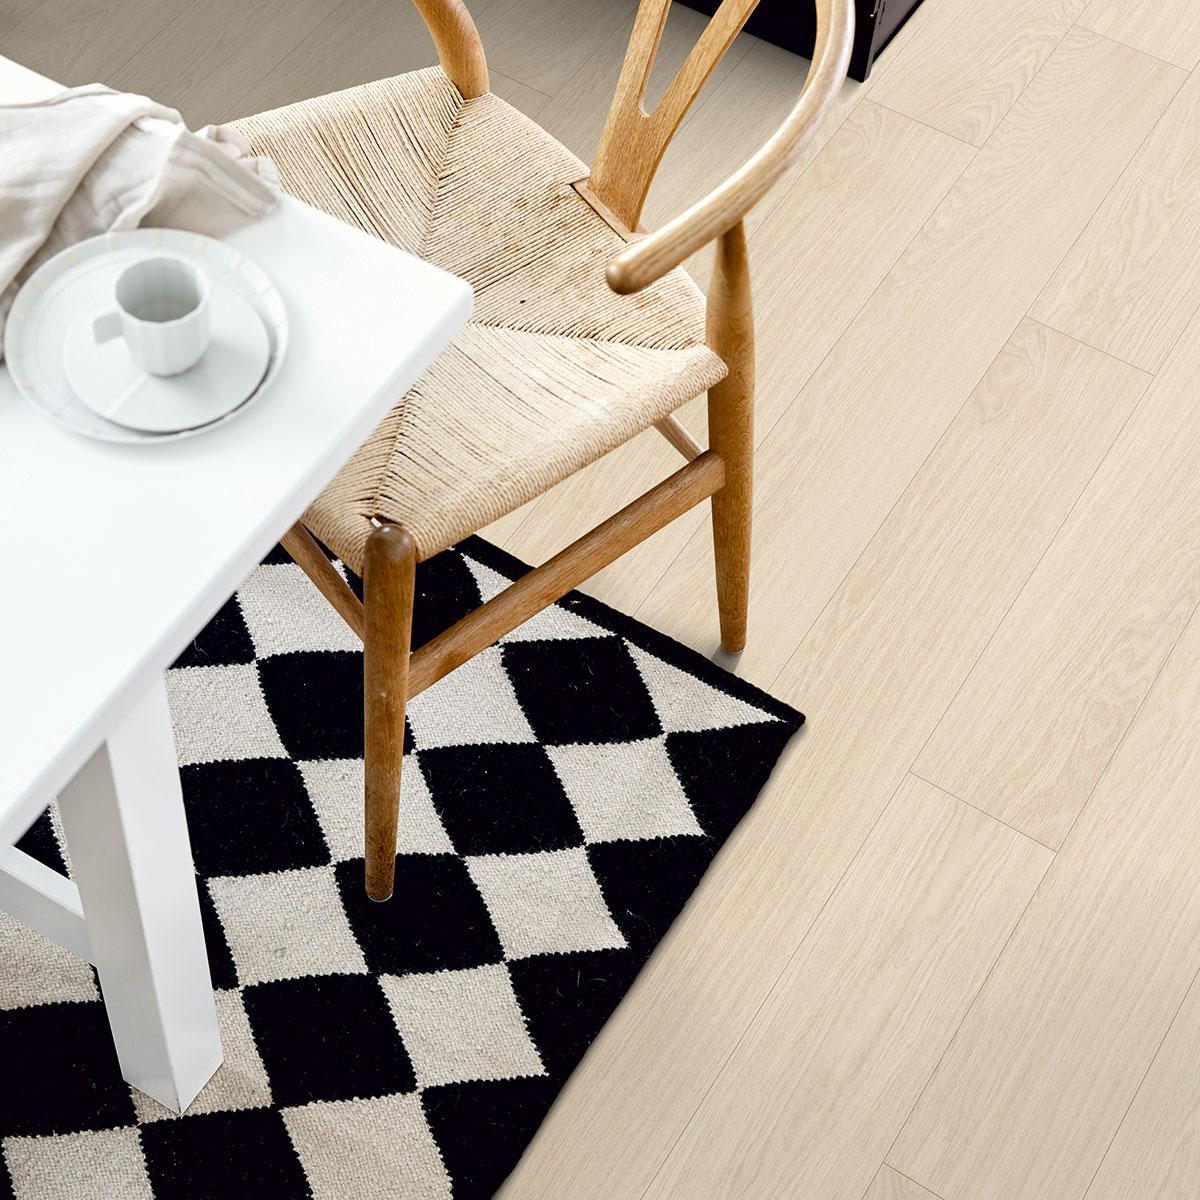 Laminatgolv Pergo Modern Plank 4v Modern Dansk Ek 1-Stav